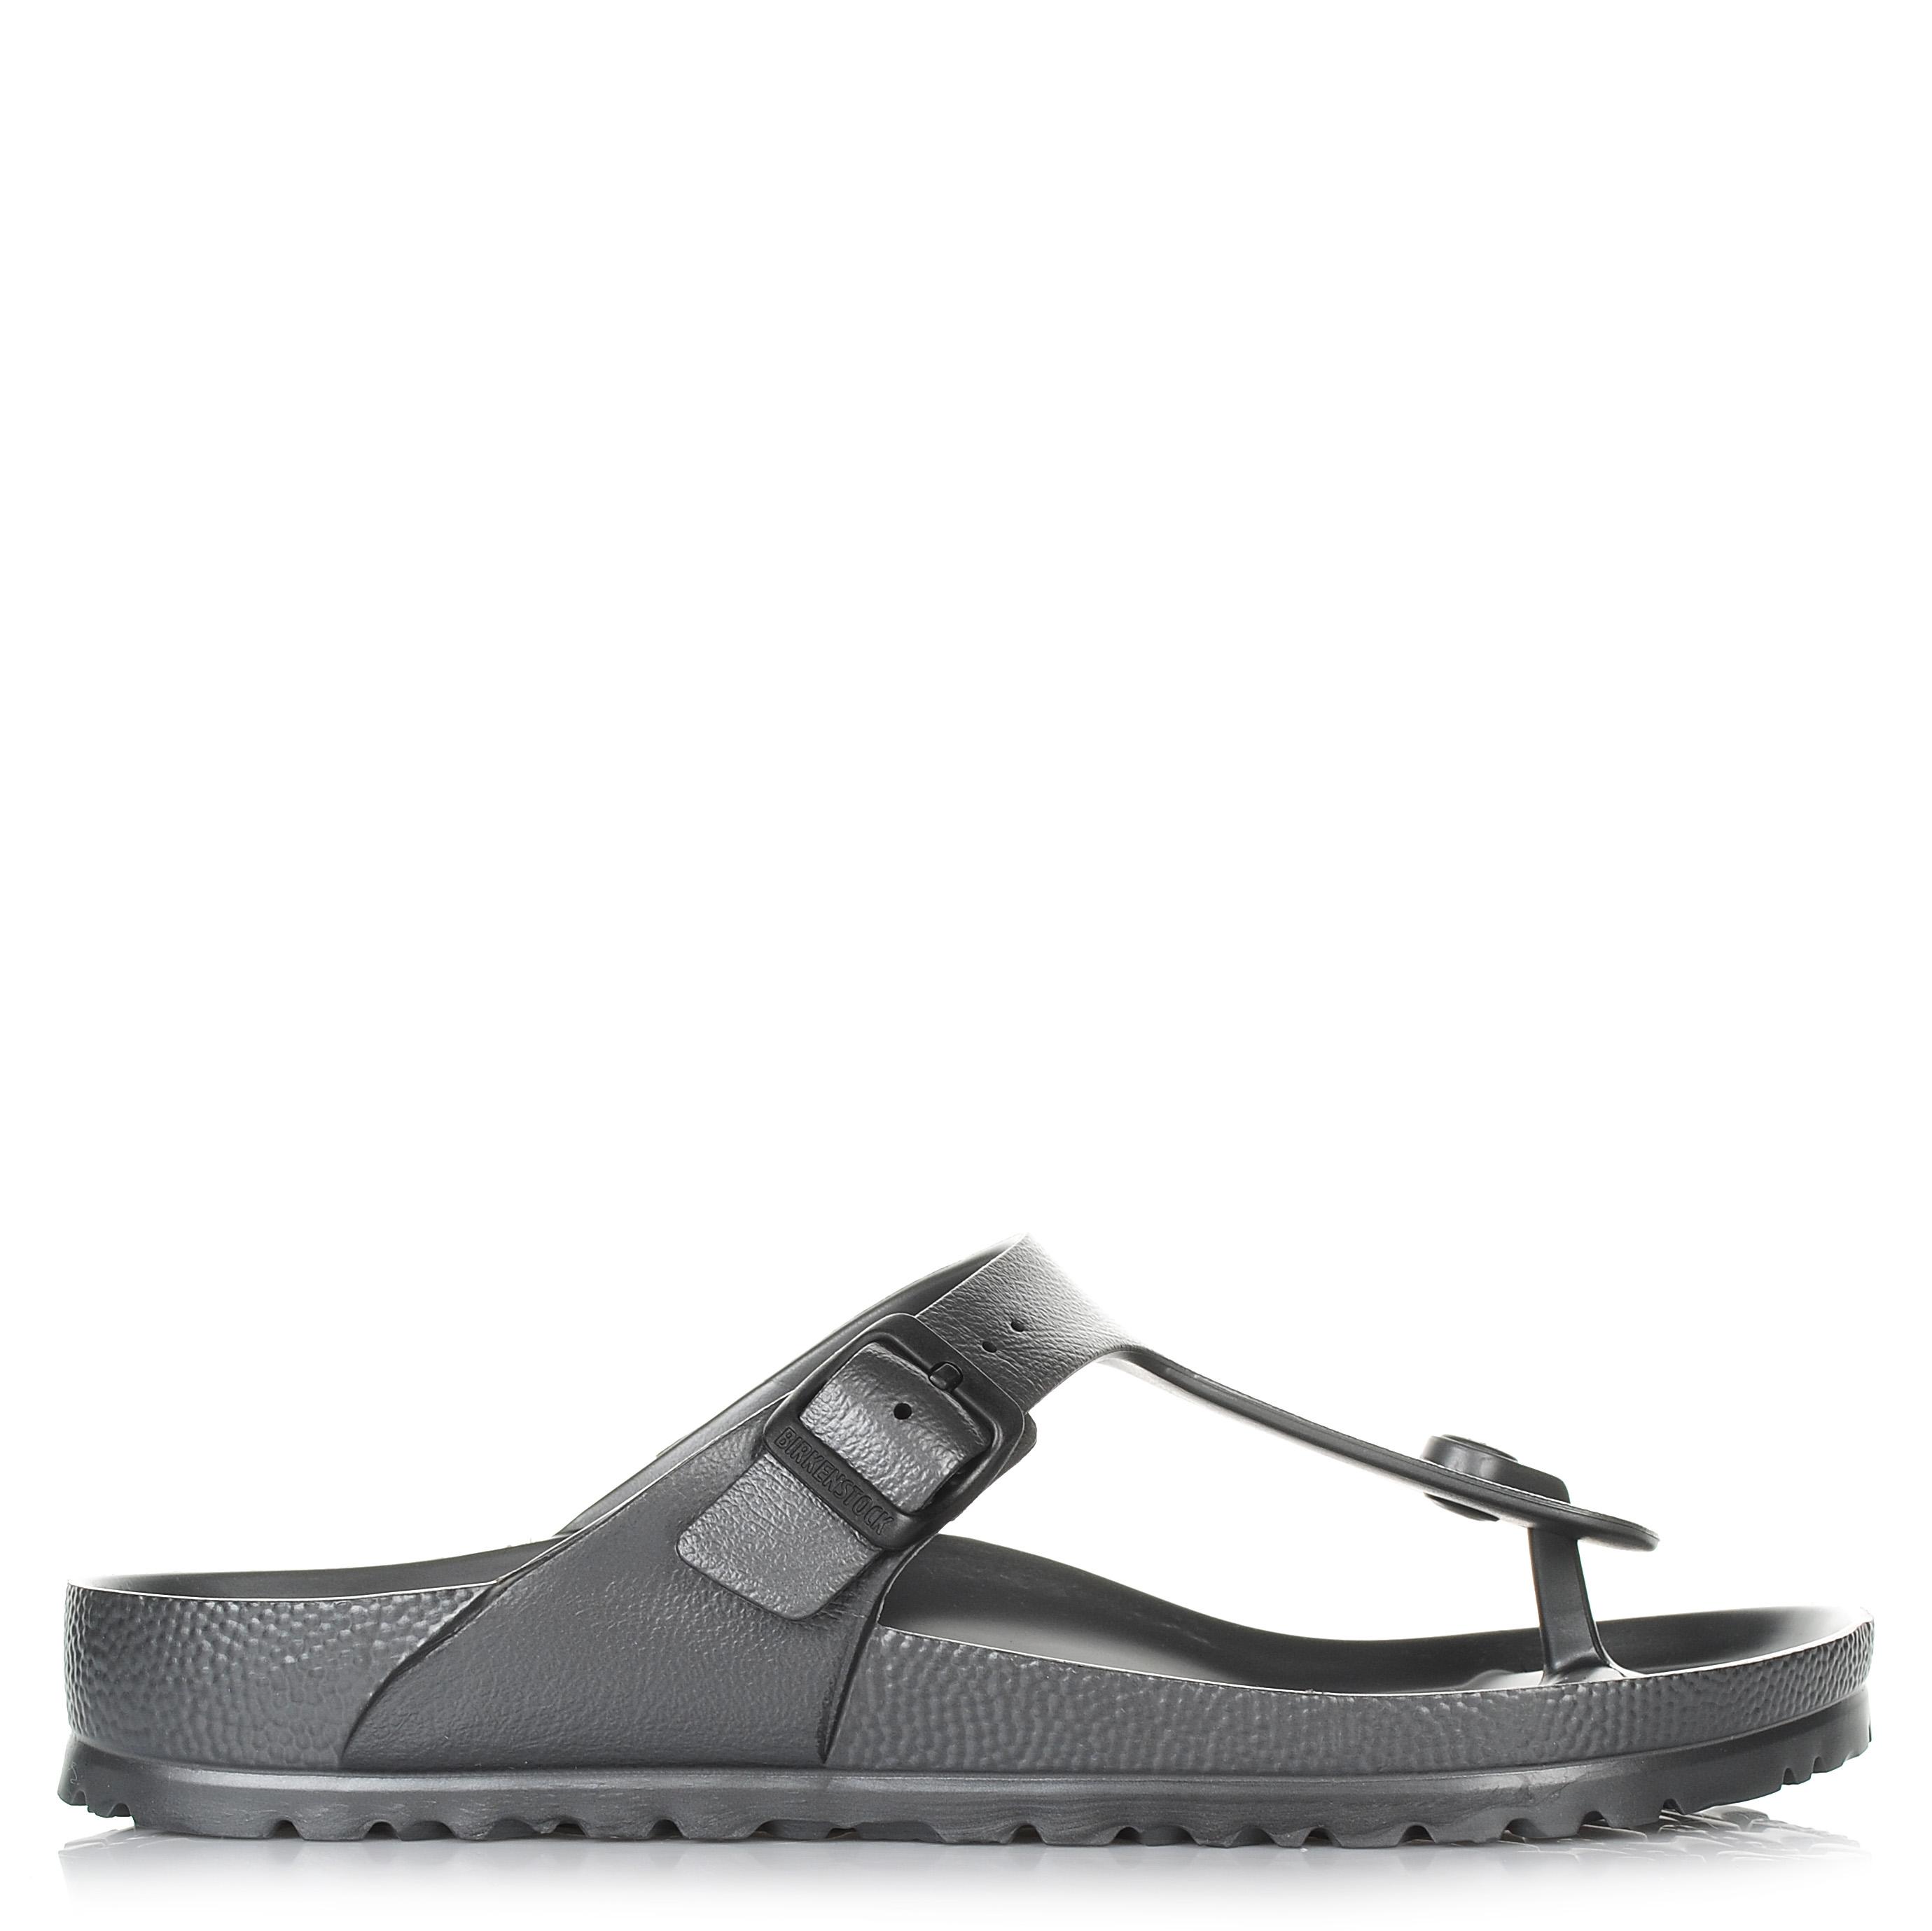 Σαγιονάρες Birkenstock Gizeh Eva 1001505 ανδρας   ανδρικό παπούτσι